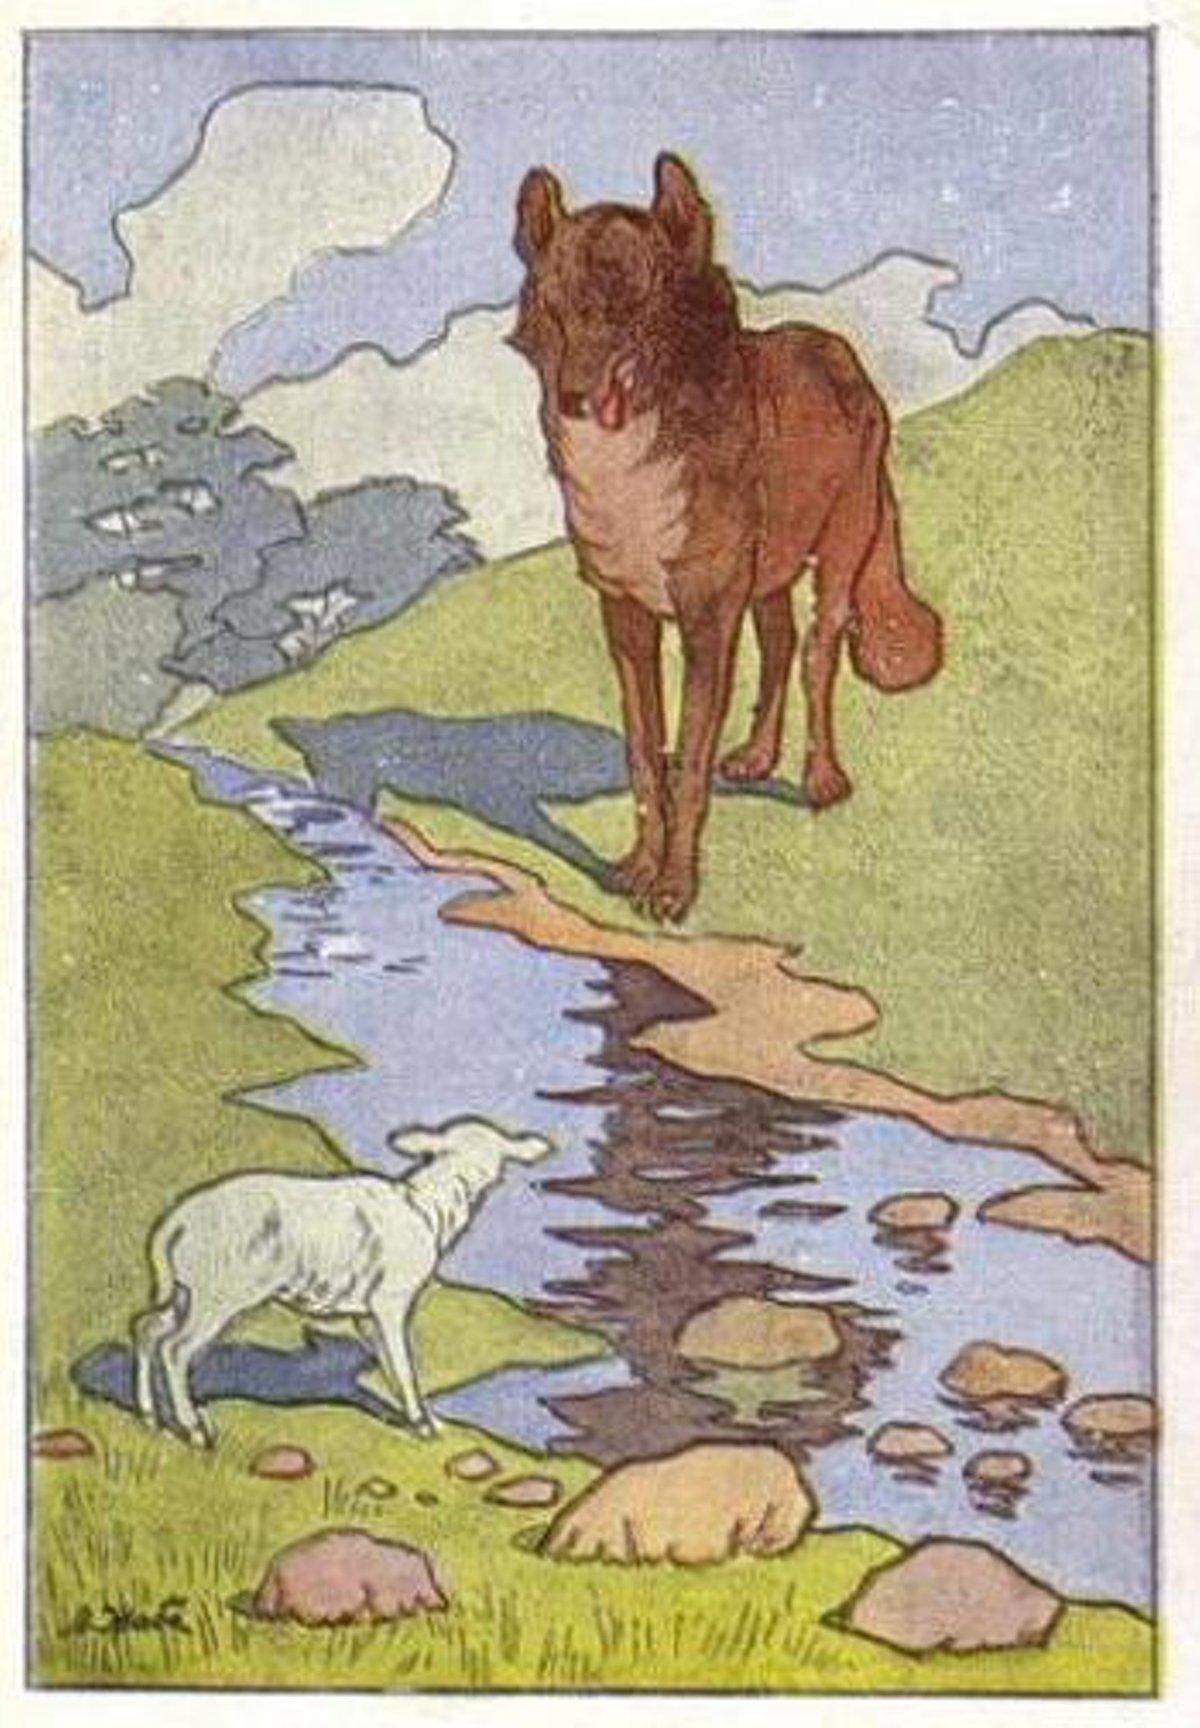 картинки как нарисовать волка и ягненка такой